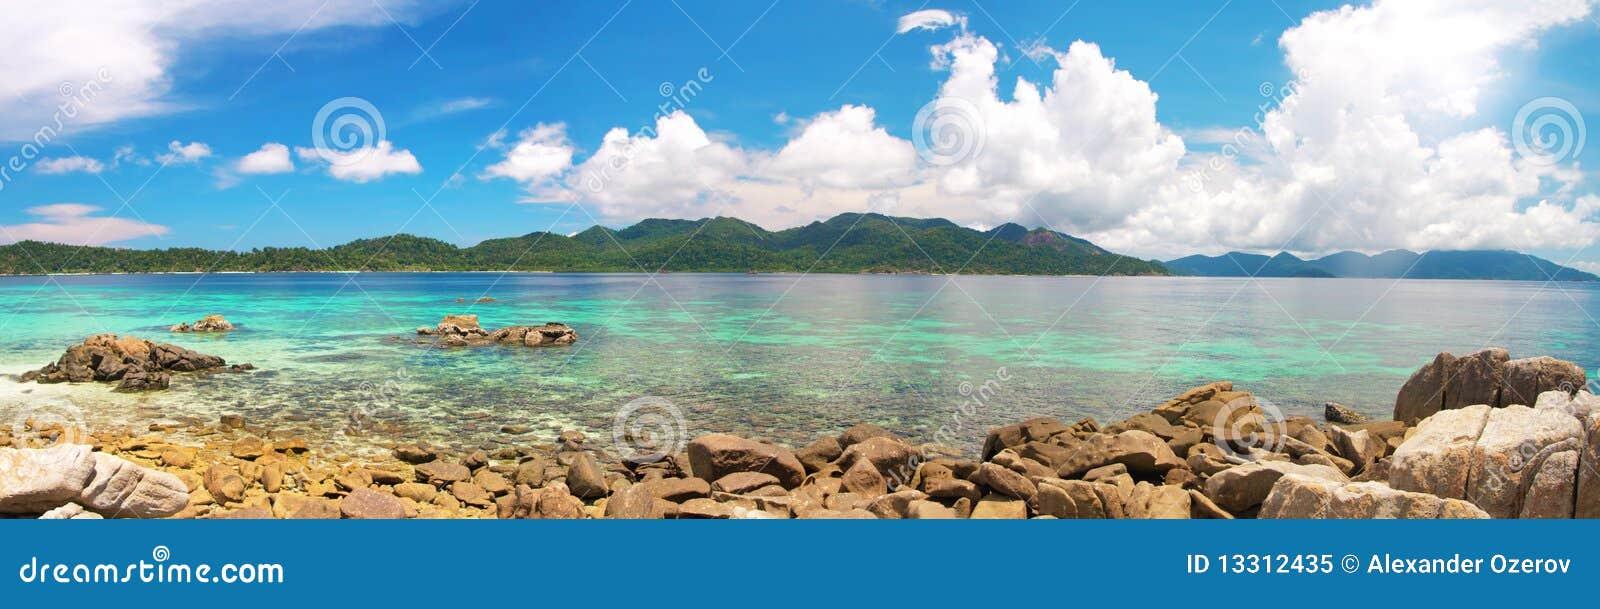 Bello mare tropicale